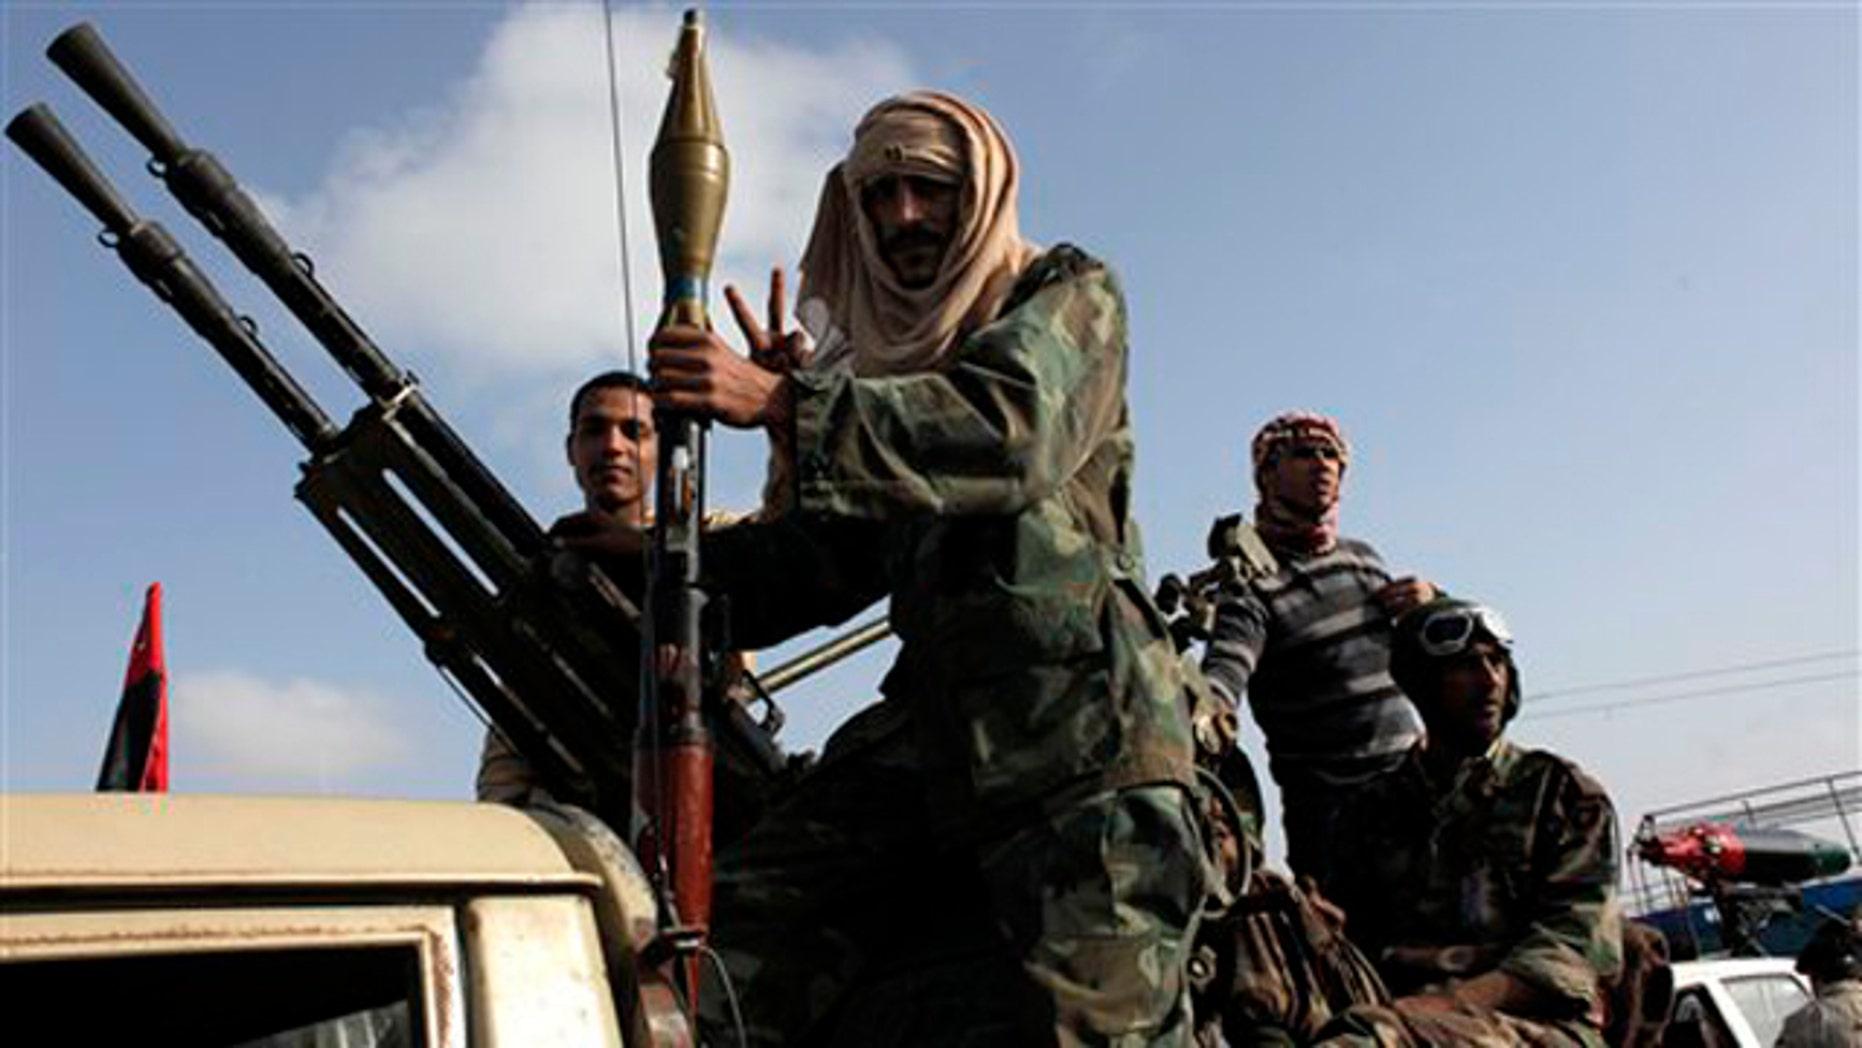 Libyan rebels take part in a military parade in Benghazi, Libya, April 27.